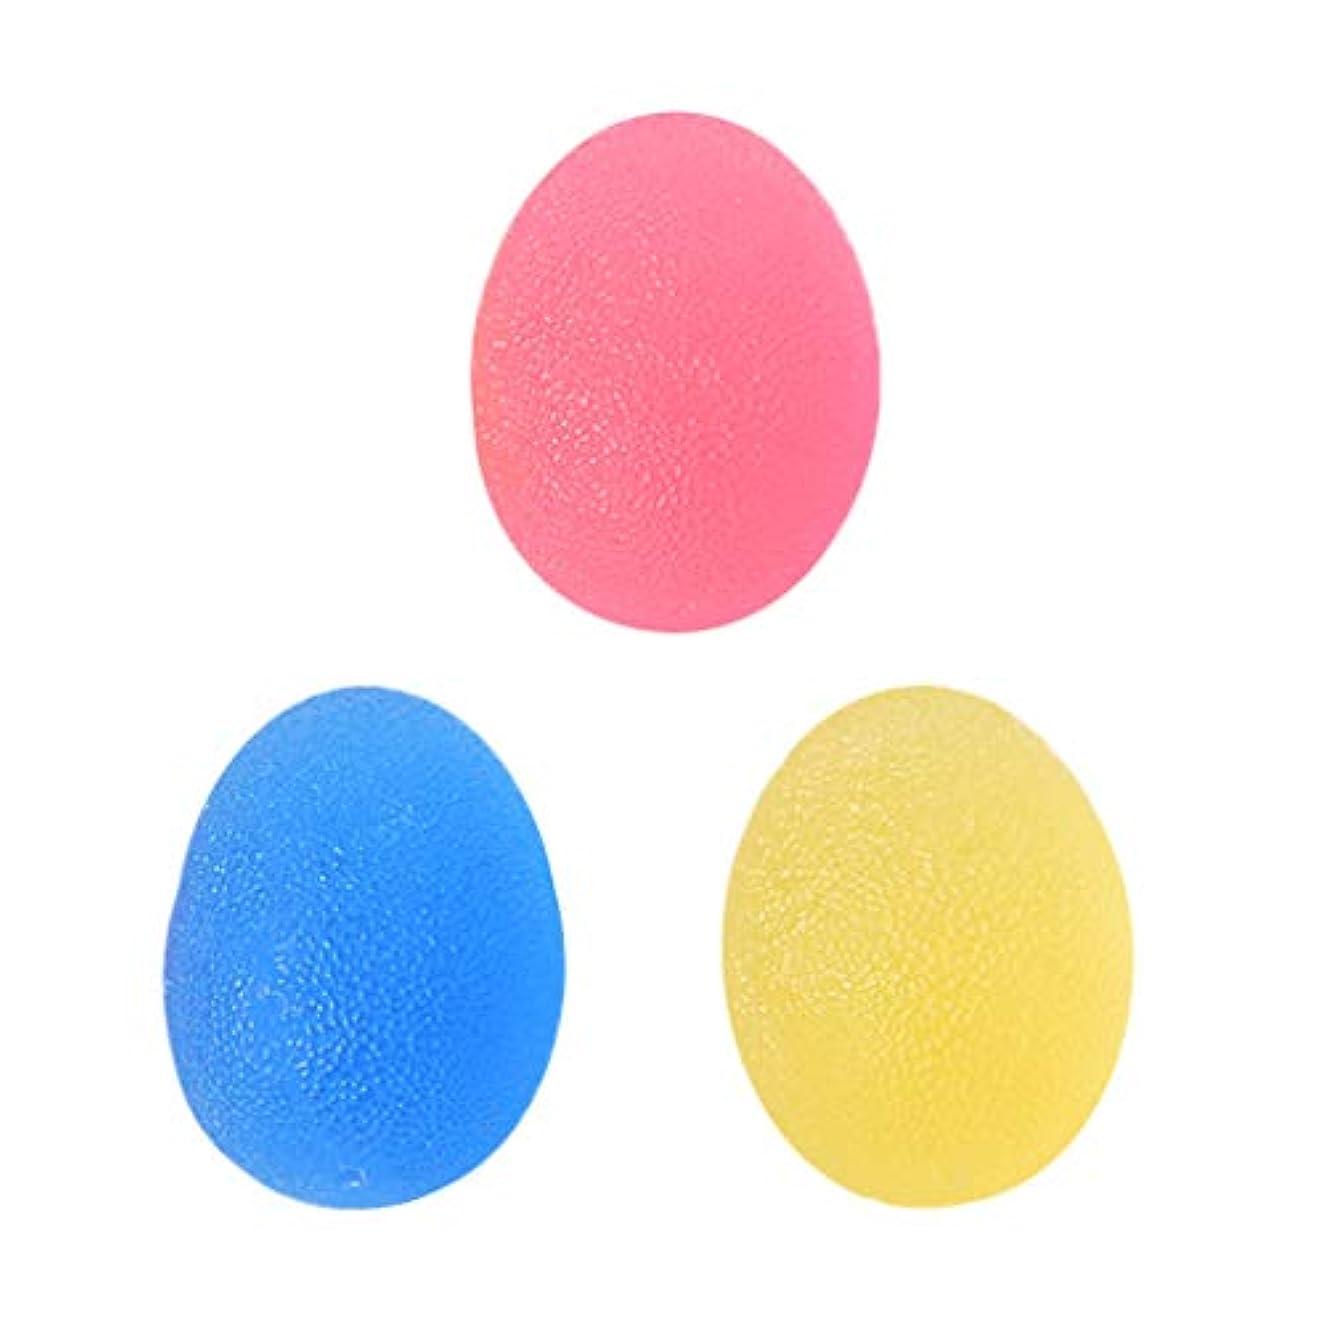 酸度剥離単に3個 ハンドエクササイザ スクイズボール ツボ押し 強度ボール TPE製